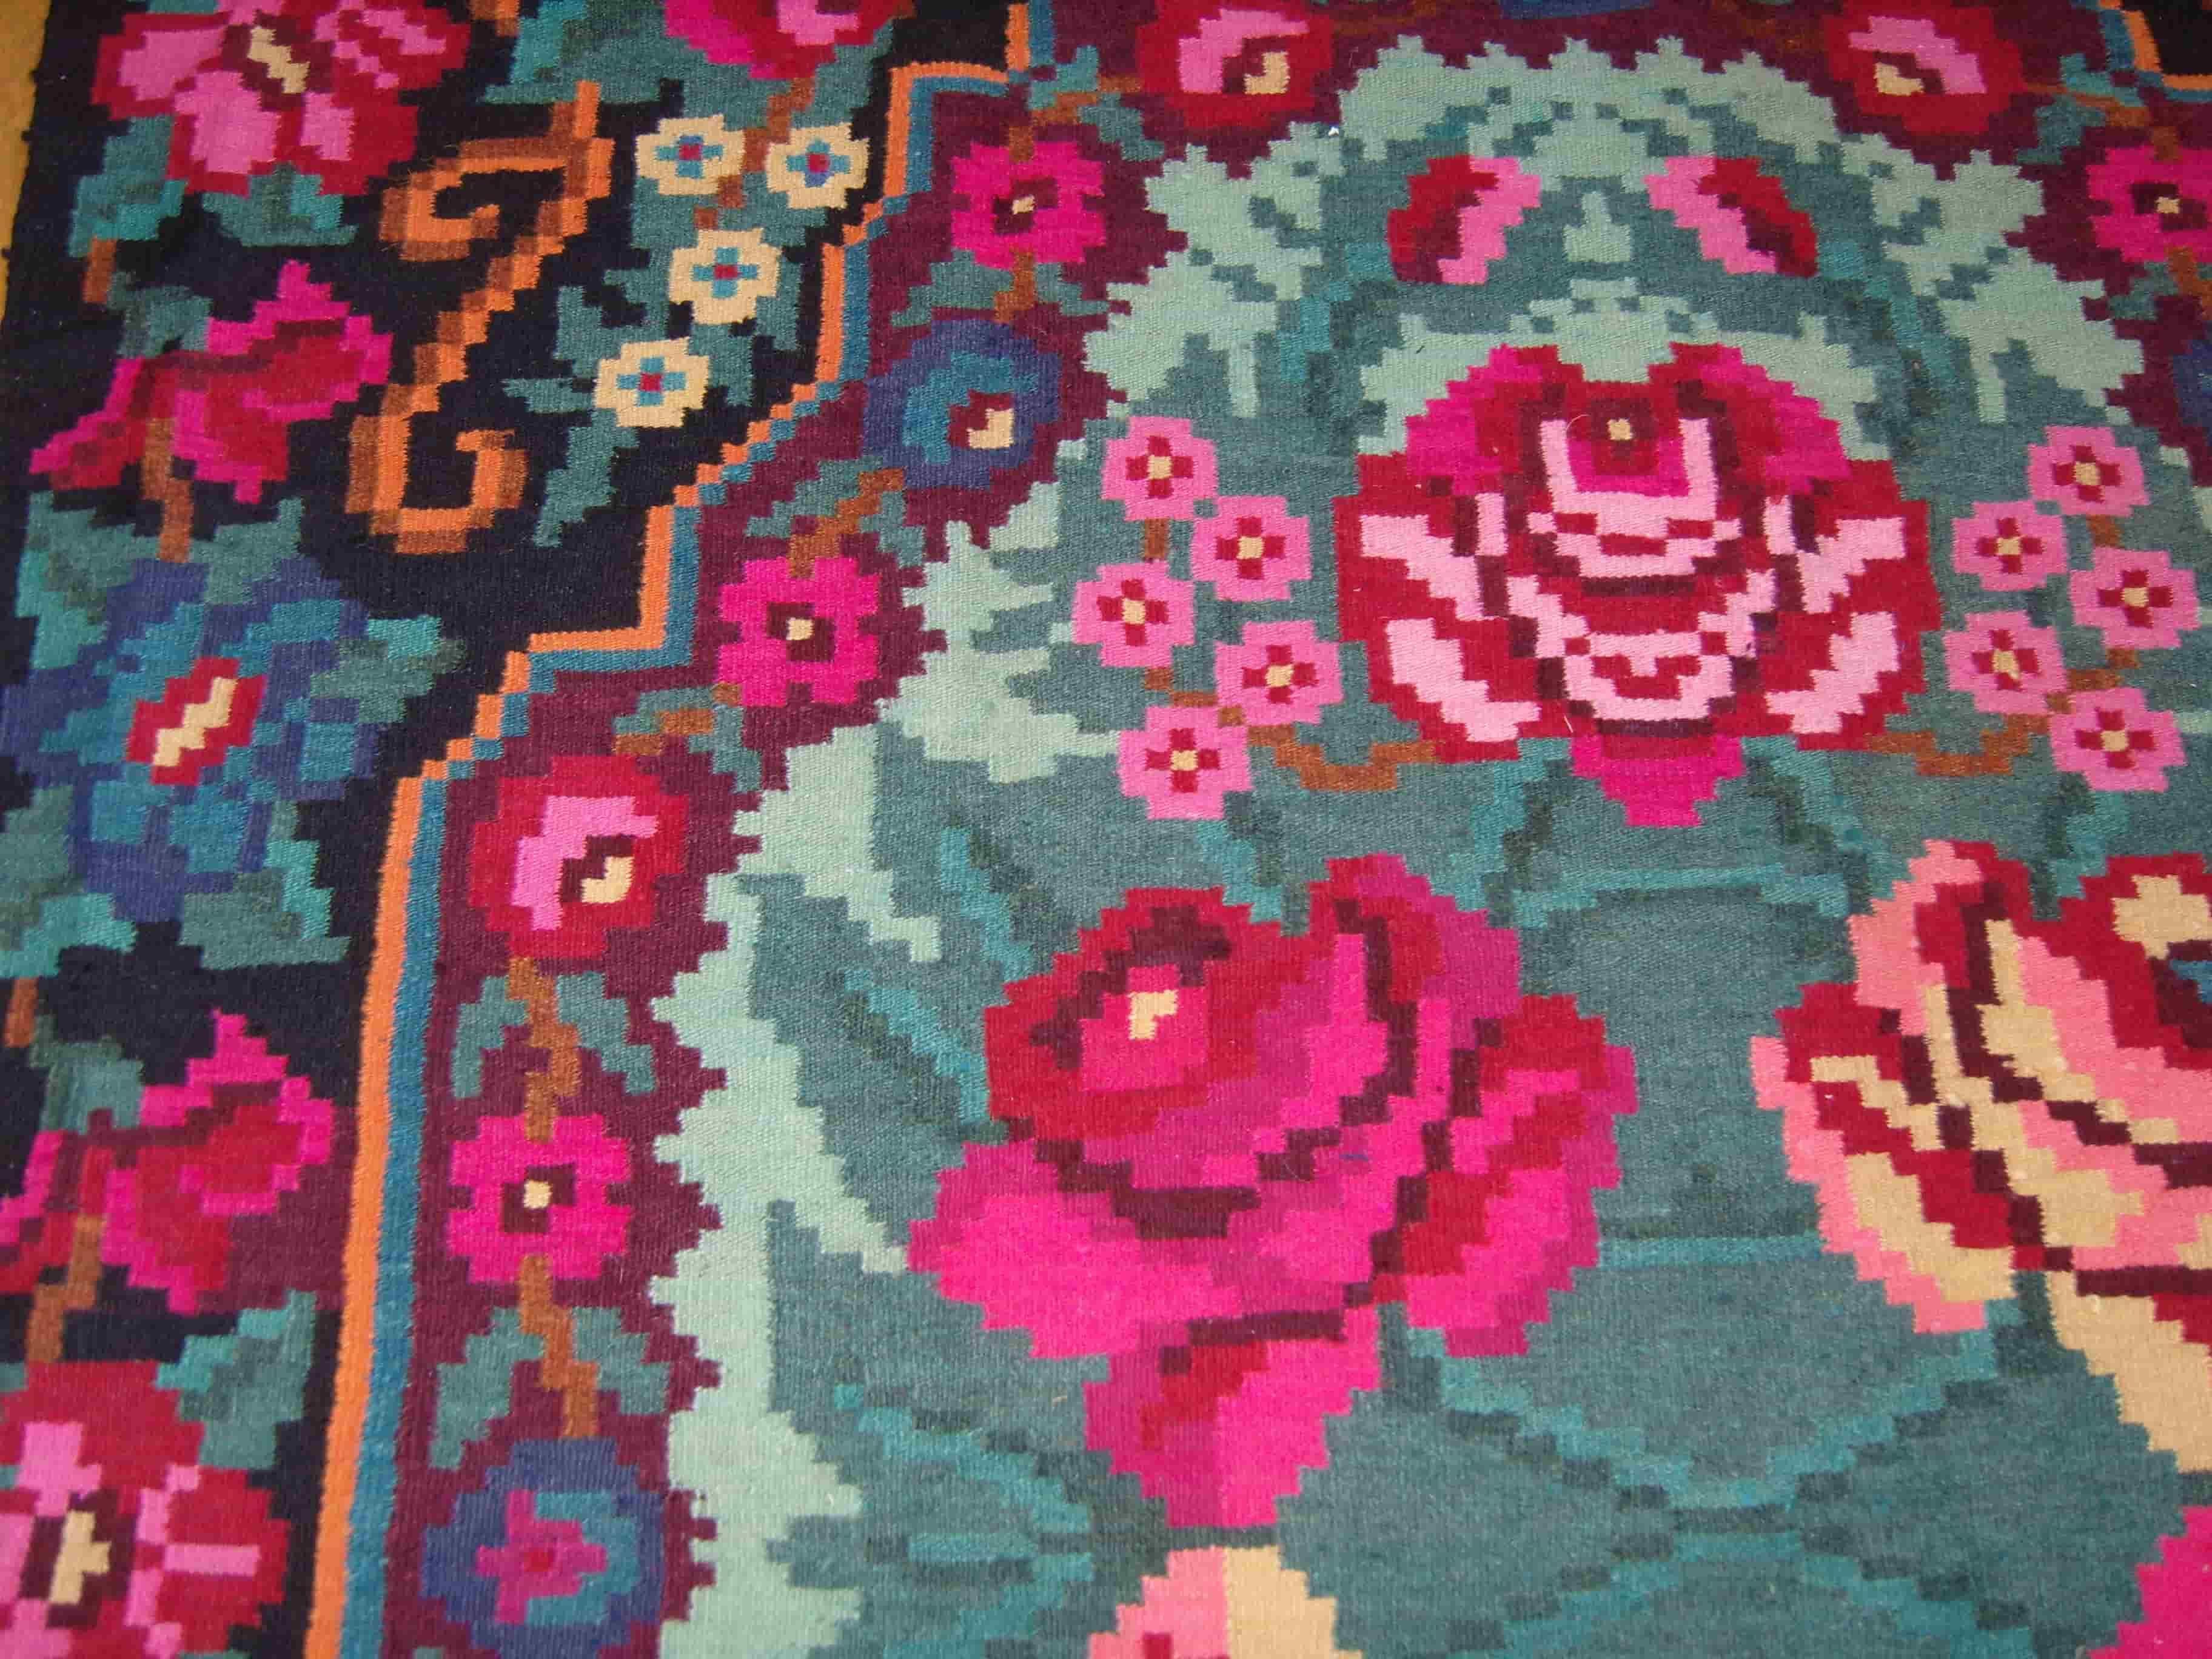 tapis de salon tapis berbere tapis vintage tapis fleur tapi deco boheme mariage idee deco. Black Bedroom Furniture Sets. Home Design Ideas